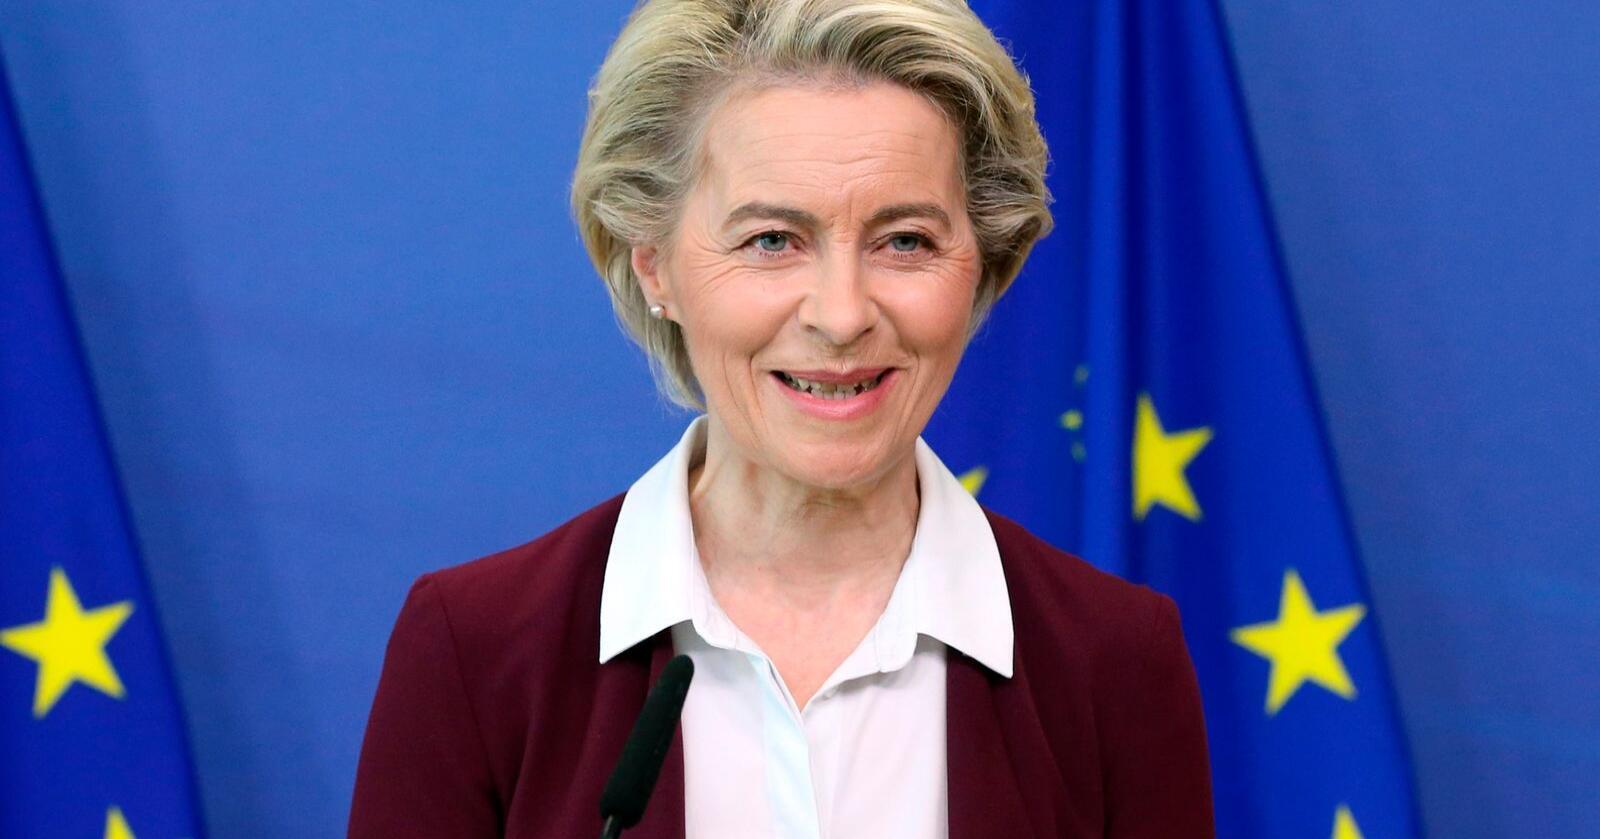 EU-kommisjonens leder Ursula von der Leyen presenterte onsdag det hun betegnet som en historisk pakke med klimatiltak som skal gjøre det mulig å nå målet om å gjøre EU-landene klimanøytrale innen 2050. Foto: AP / NTB